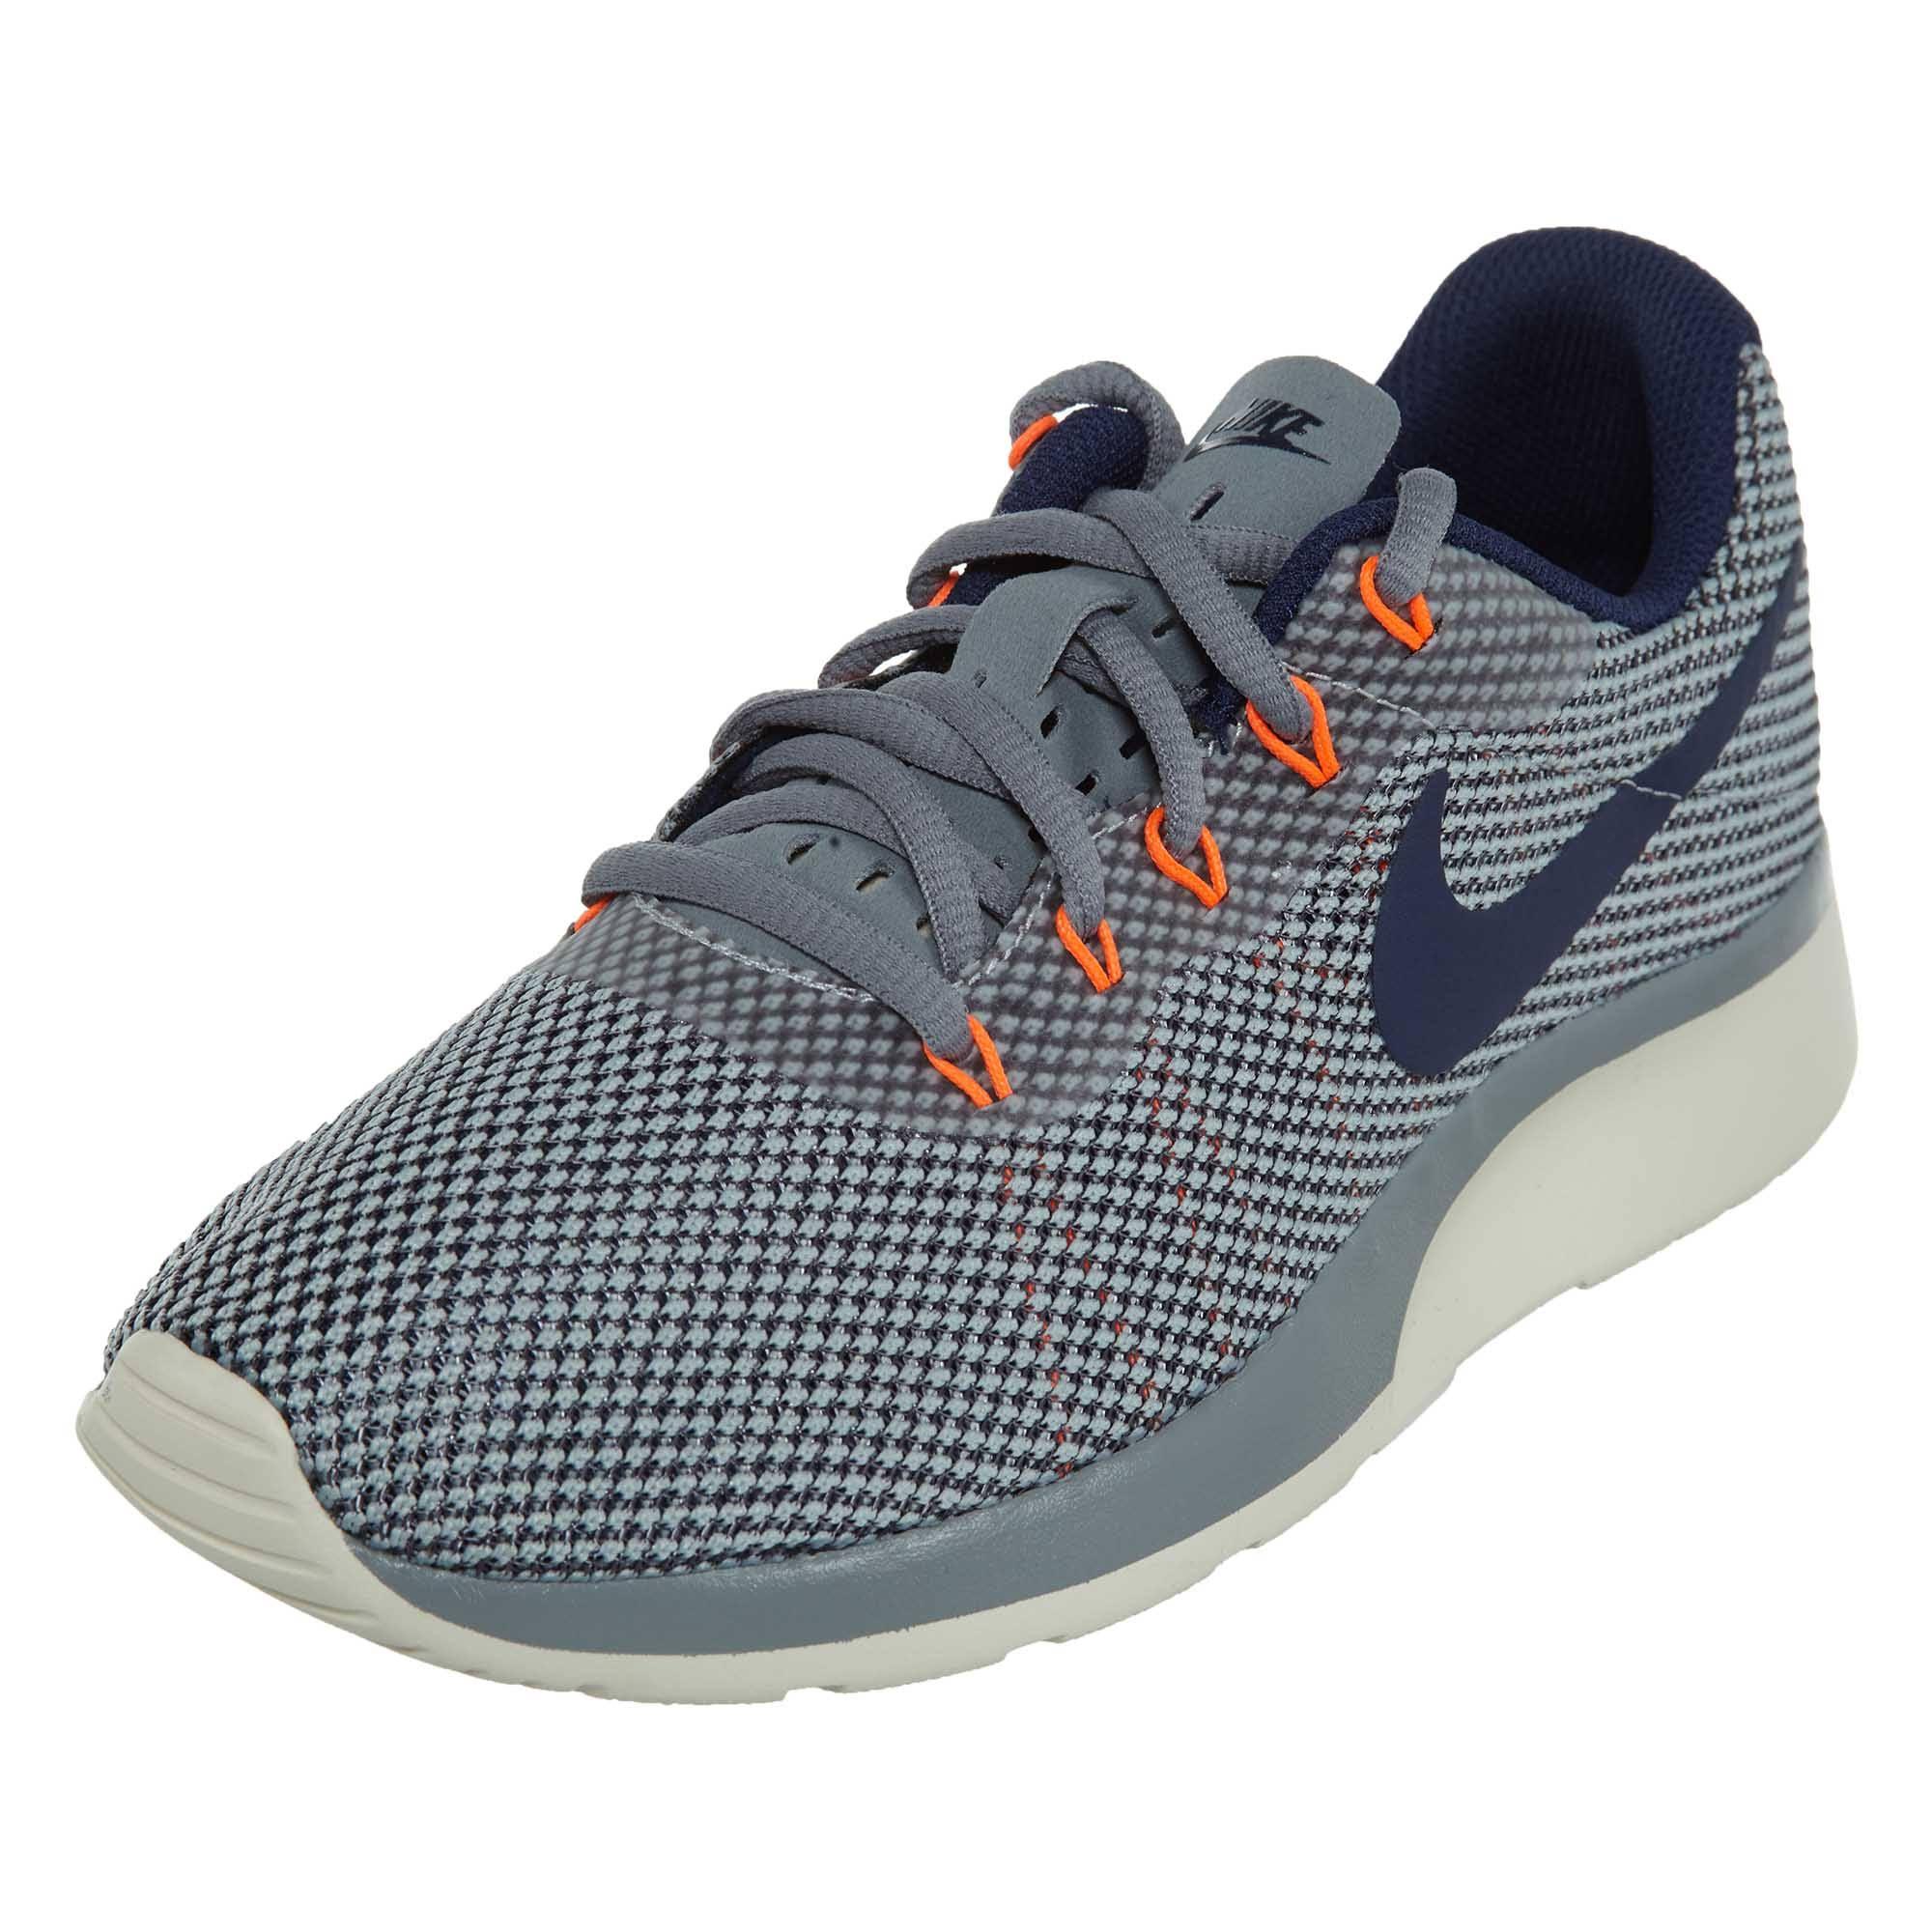 Tanjun Sneaker Nike Grey Racer Tanjun Nike PUawqnR